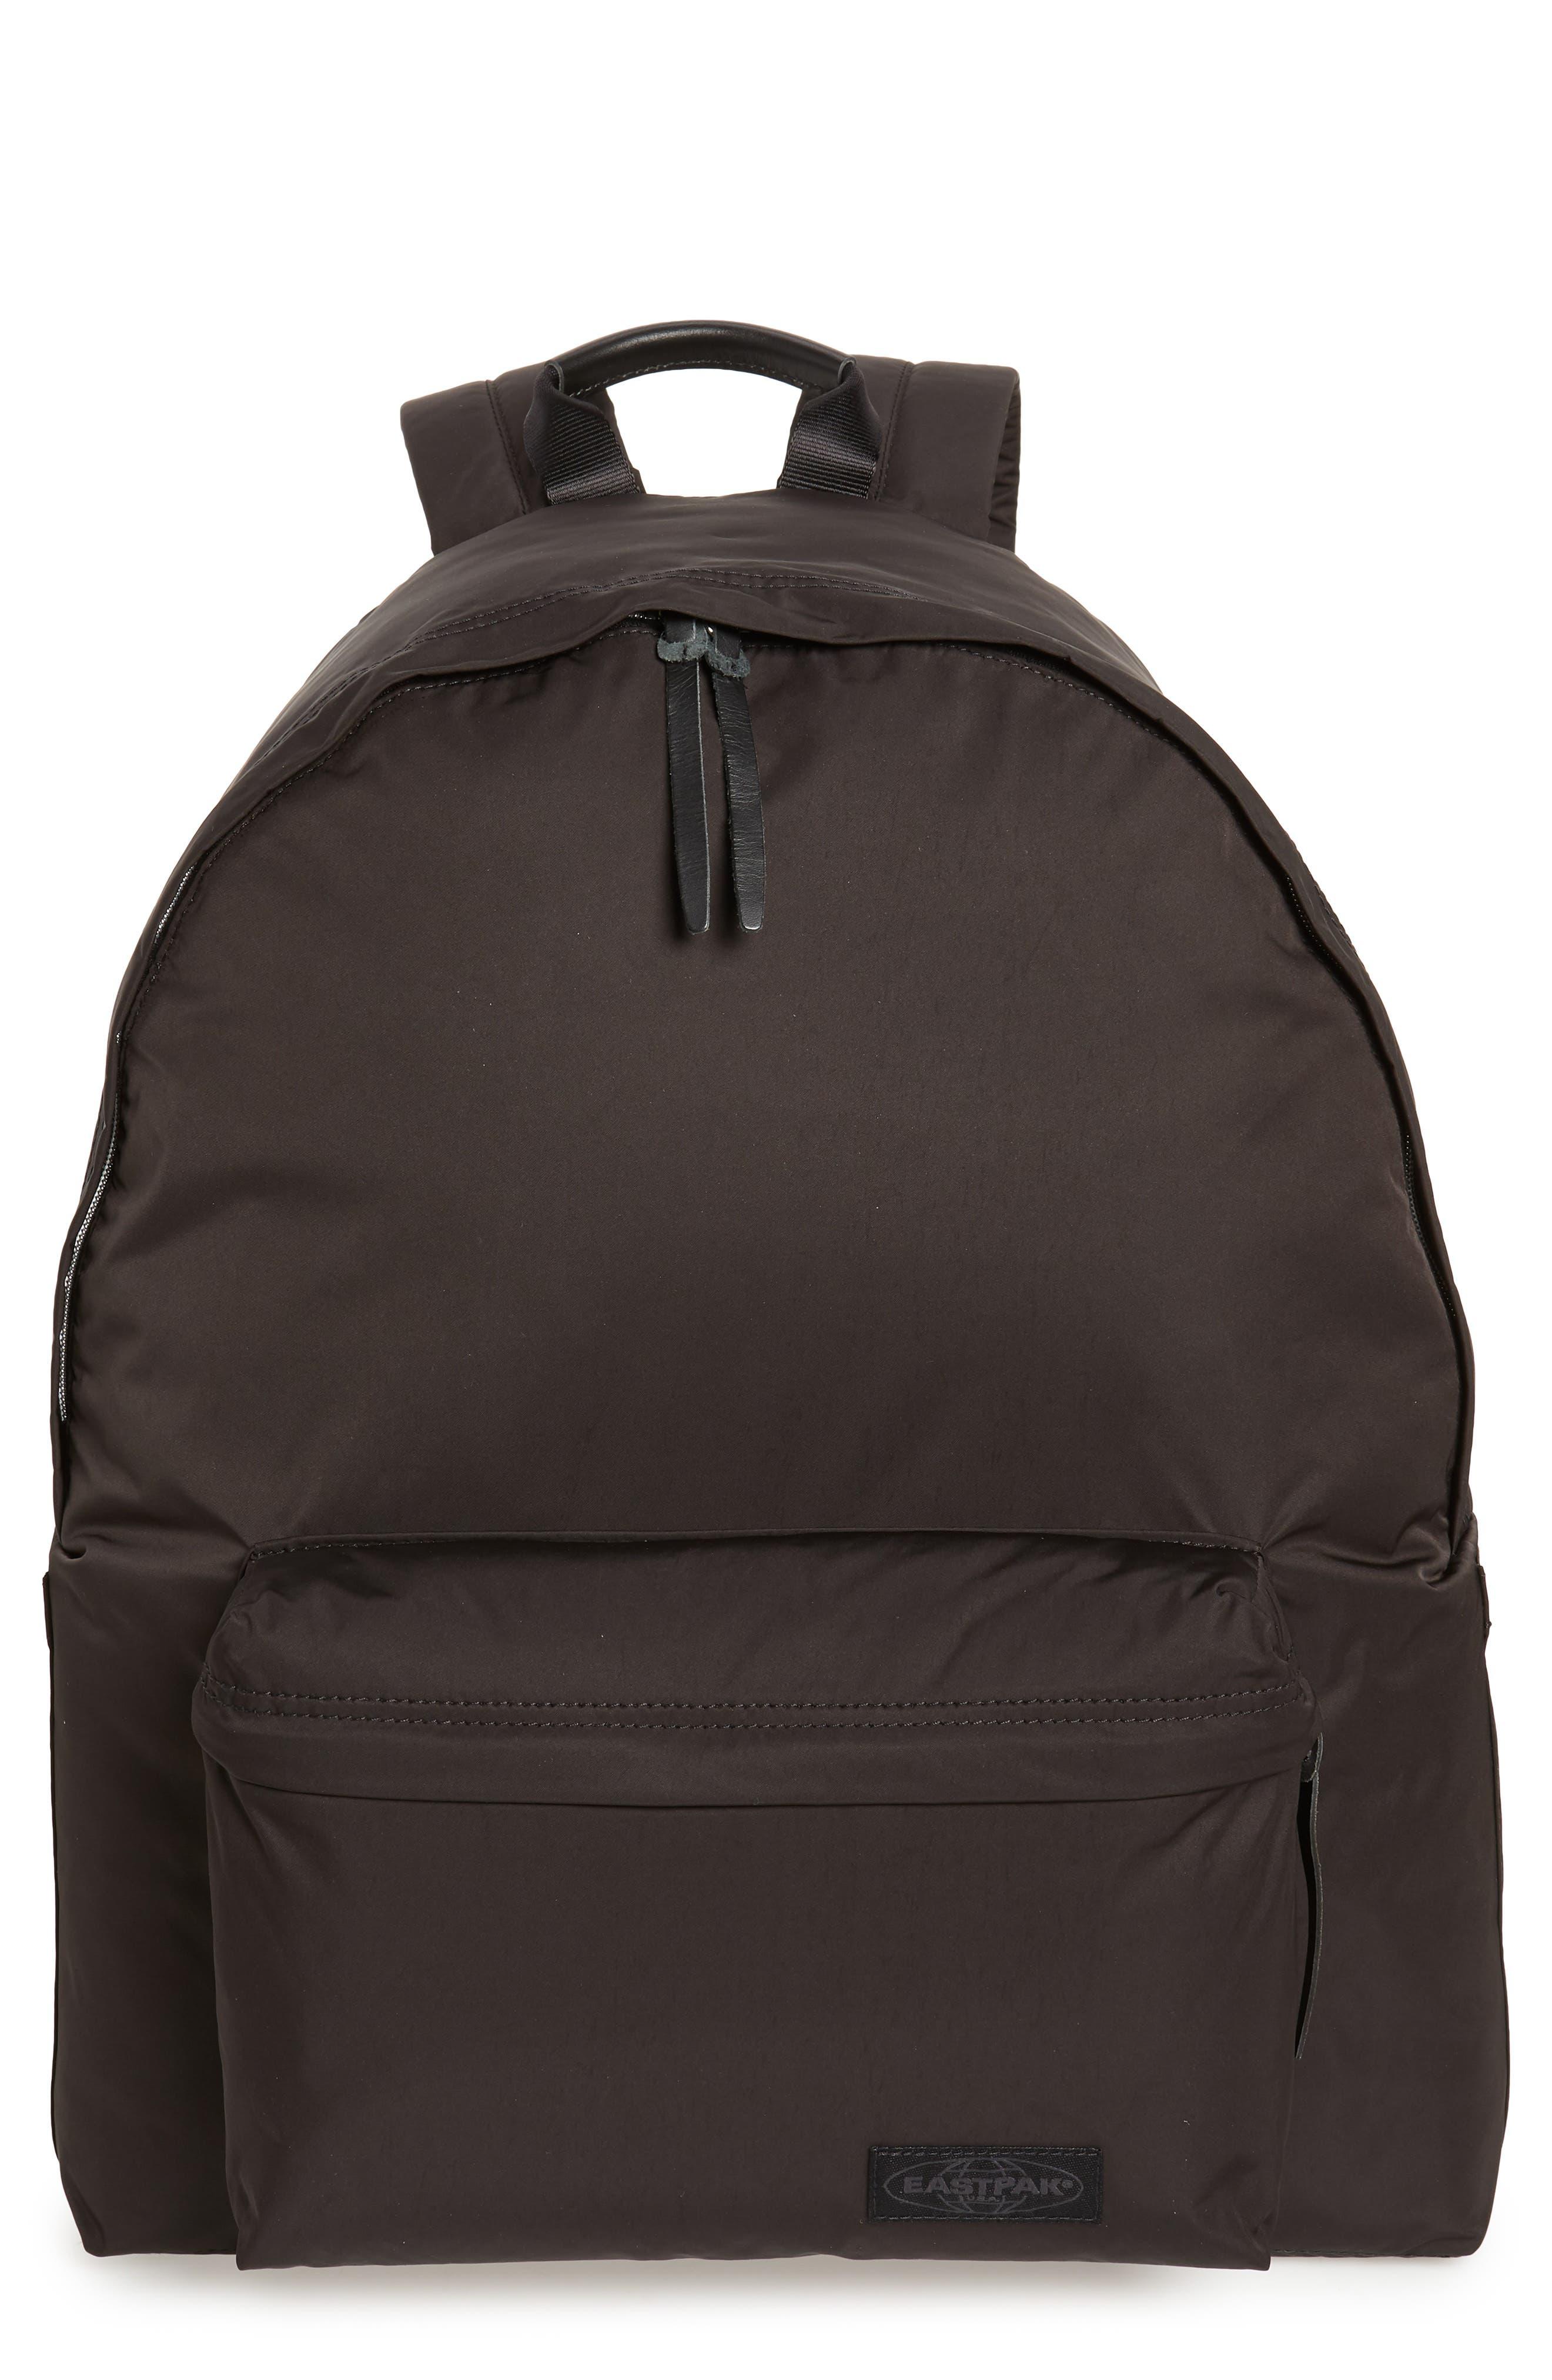 Eastpak Padded Pakr Xl Backpack - Black